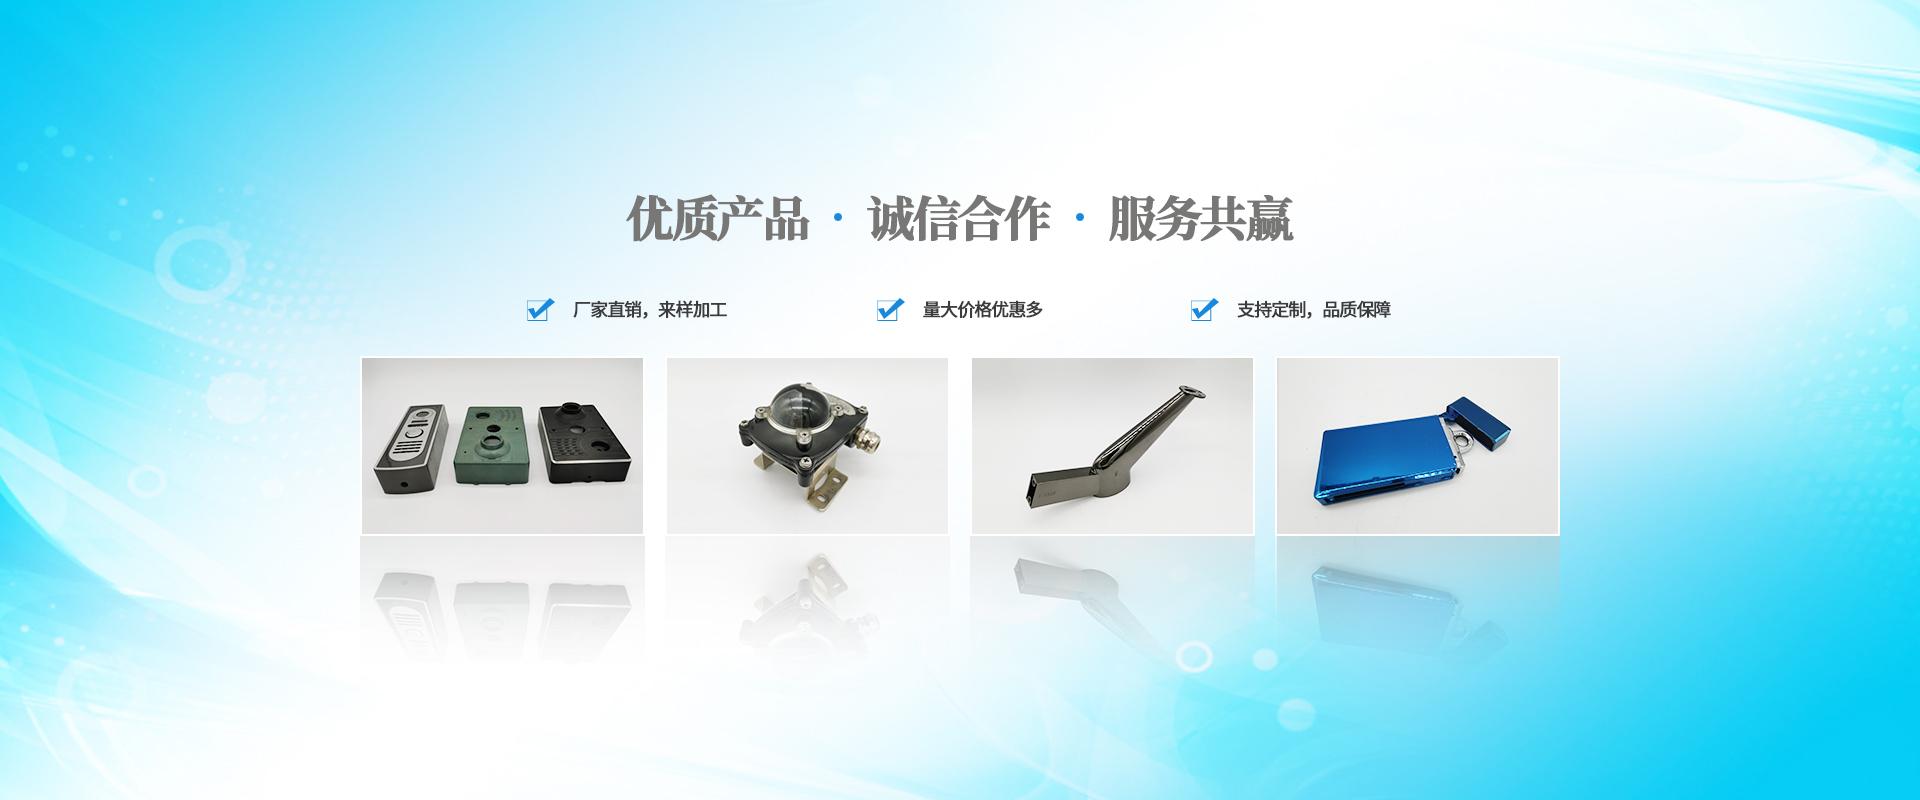 深圳市富鑫优金属制品有限公司